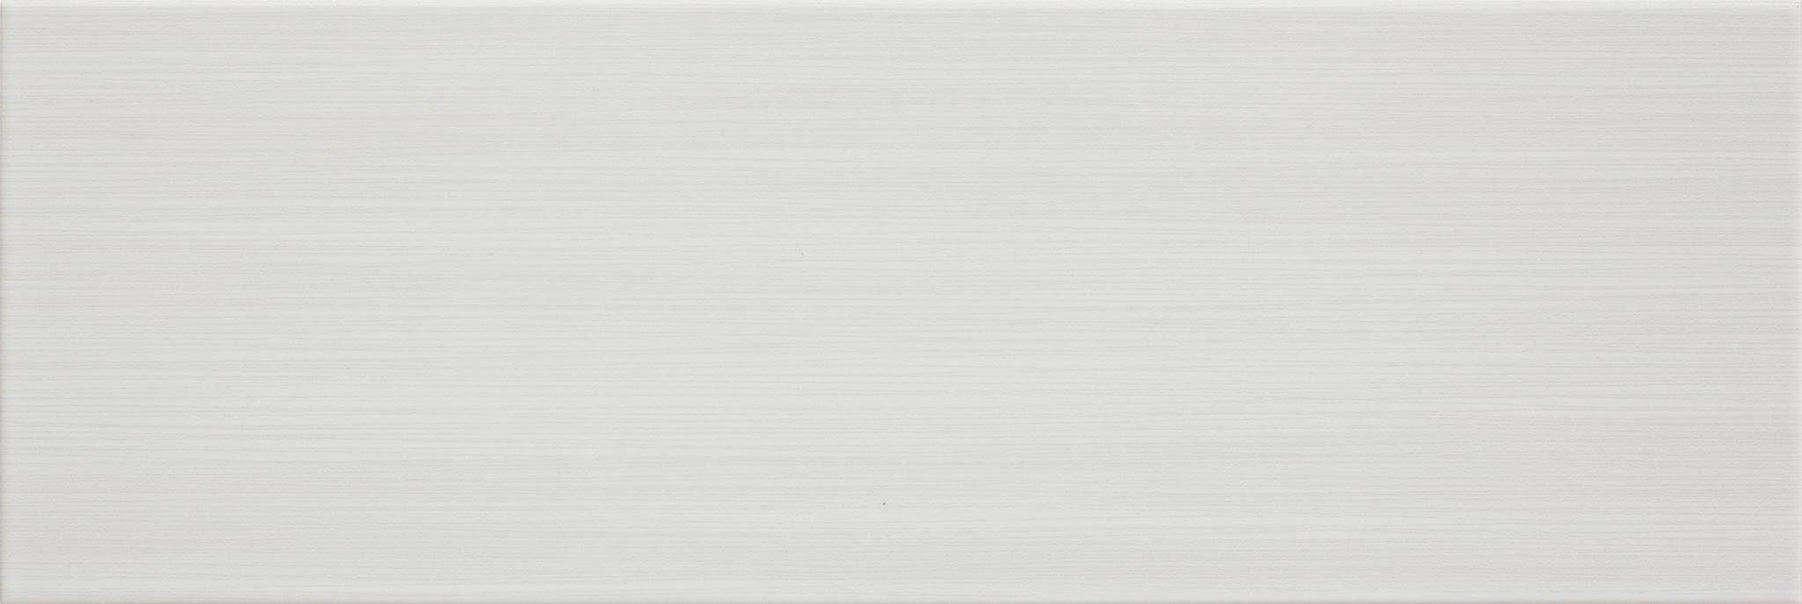 Faianță pentru baie Saloni Prisma Blanco 200x600 lucioasă alb / 9